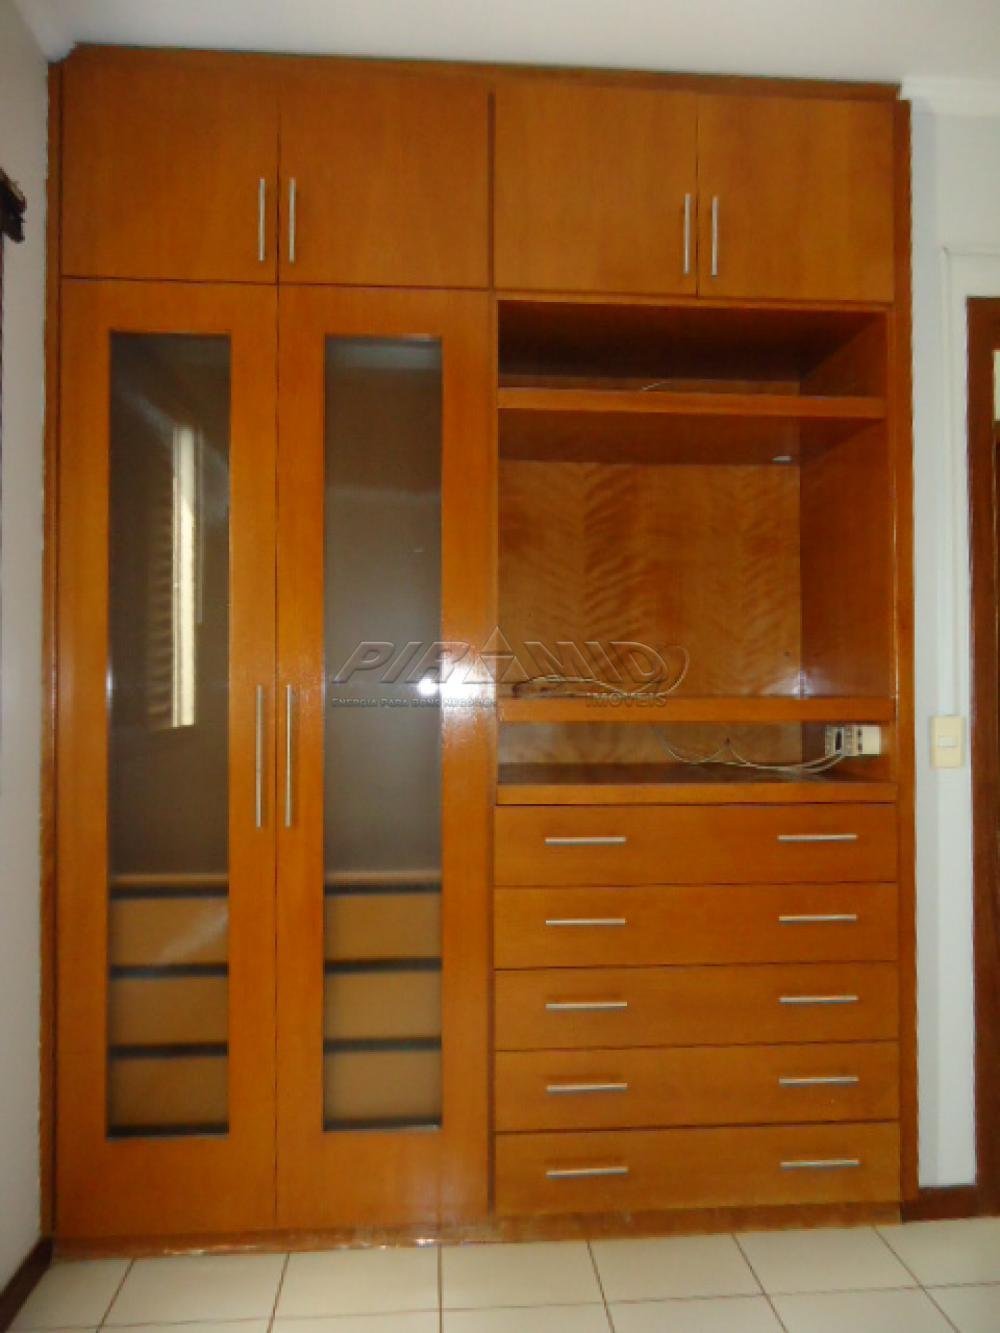 Alugar Apartamento / Padrão em Ribeirão Preto apenas R$ 1.010,00 - Foto 5